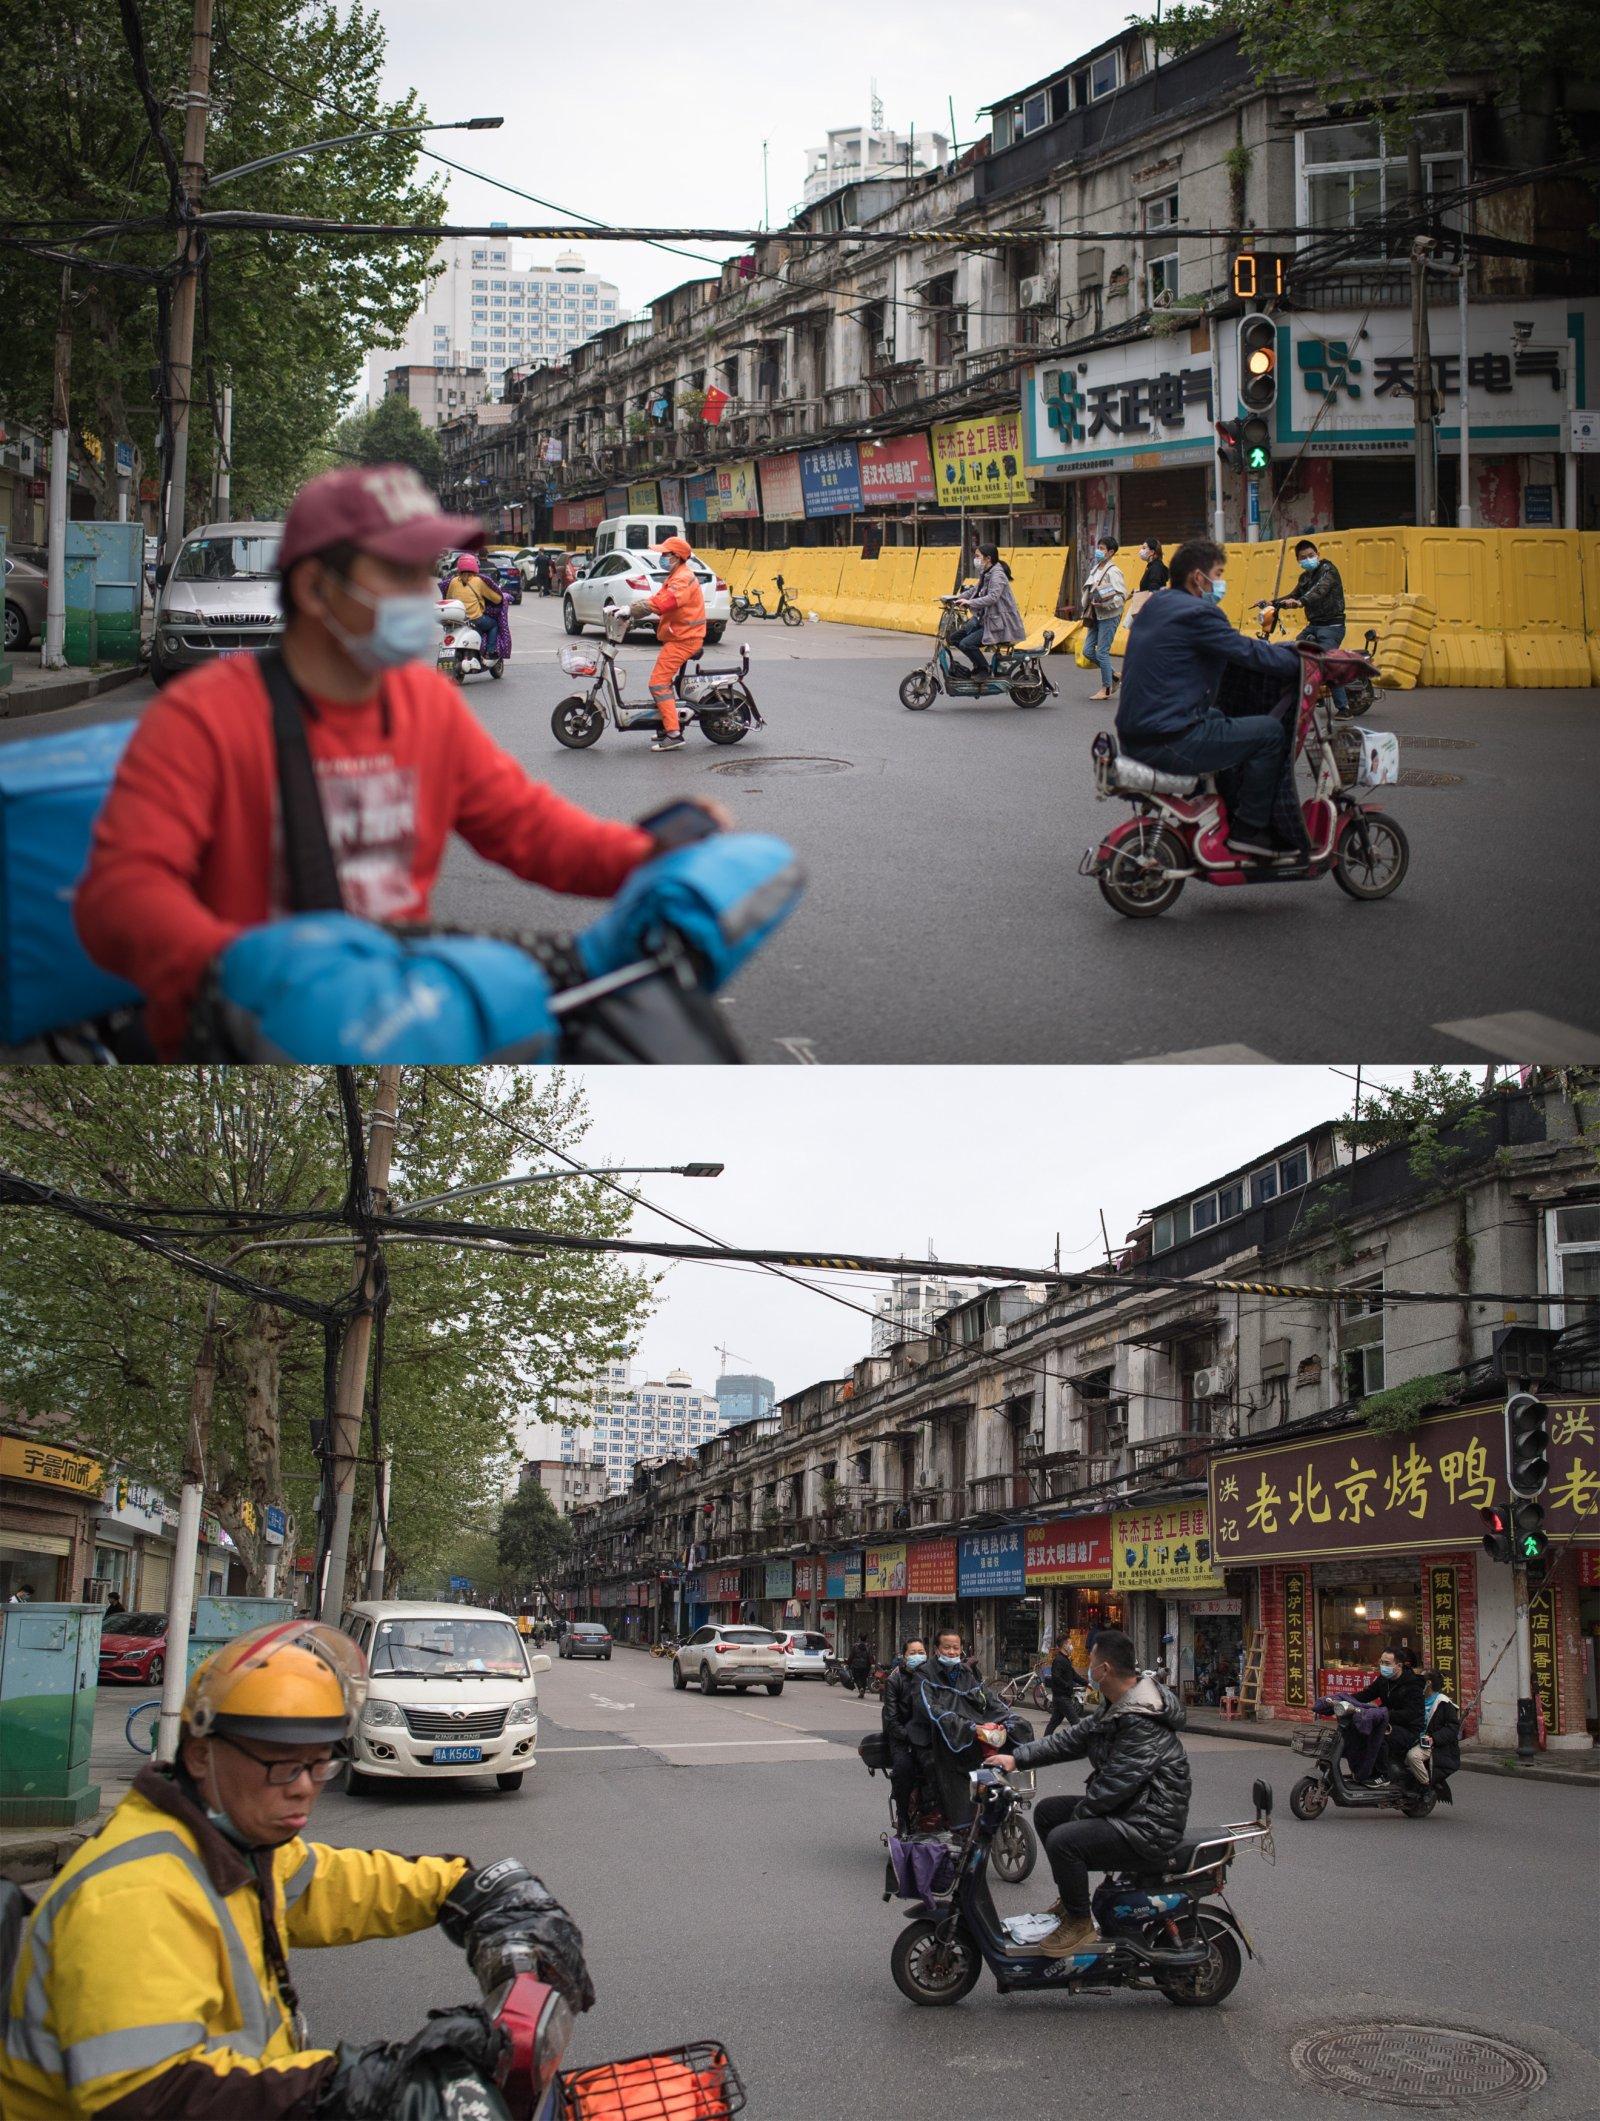 這是一張拚版照片,上圖為:2020年4月16日拍攝的武漢市江漢區民主一街與前進一路路口;下圖為:2021年4月4日拍攝的武漢市江漢區民主一街與前進一路路口。(新華社)